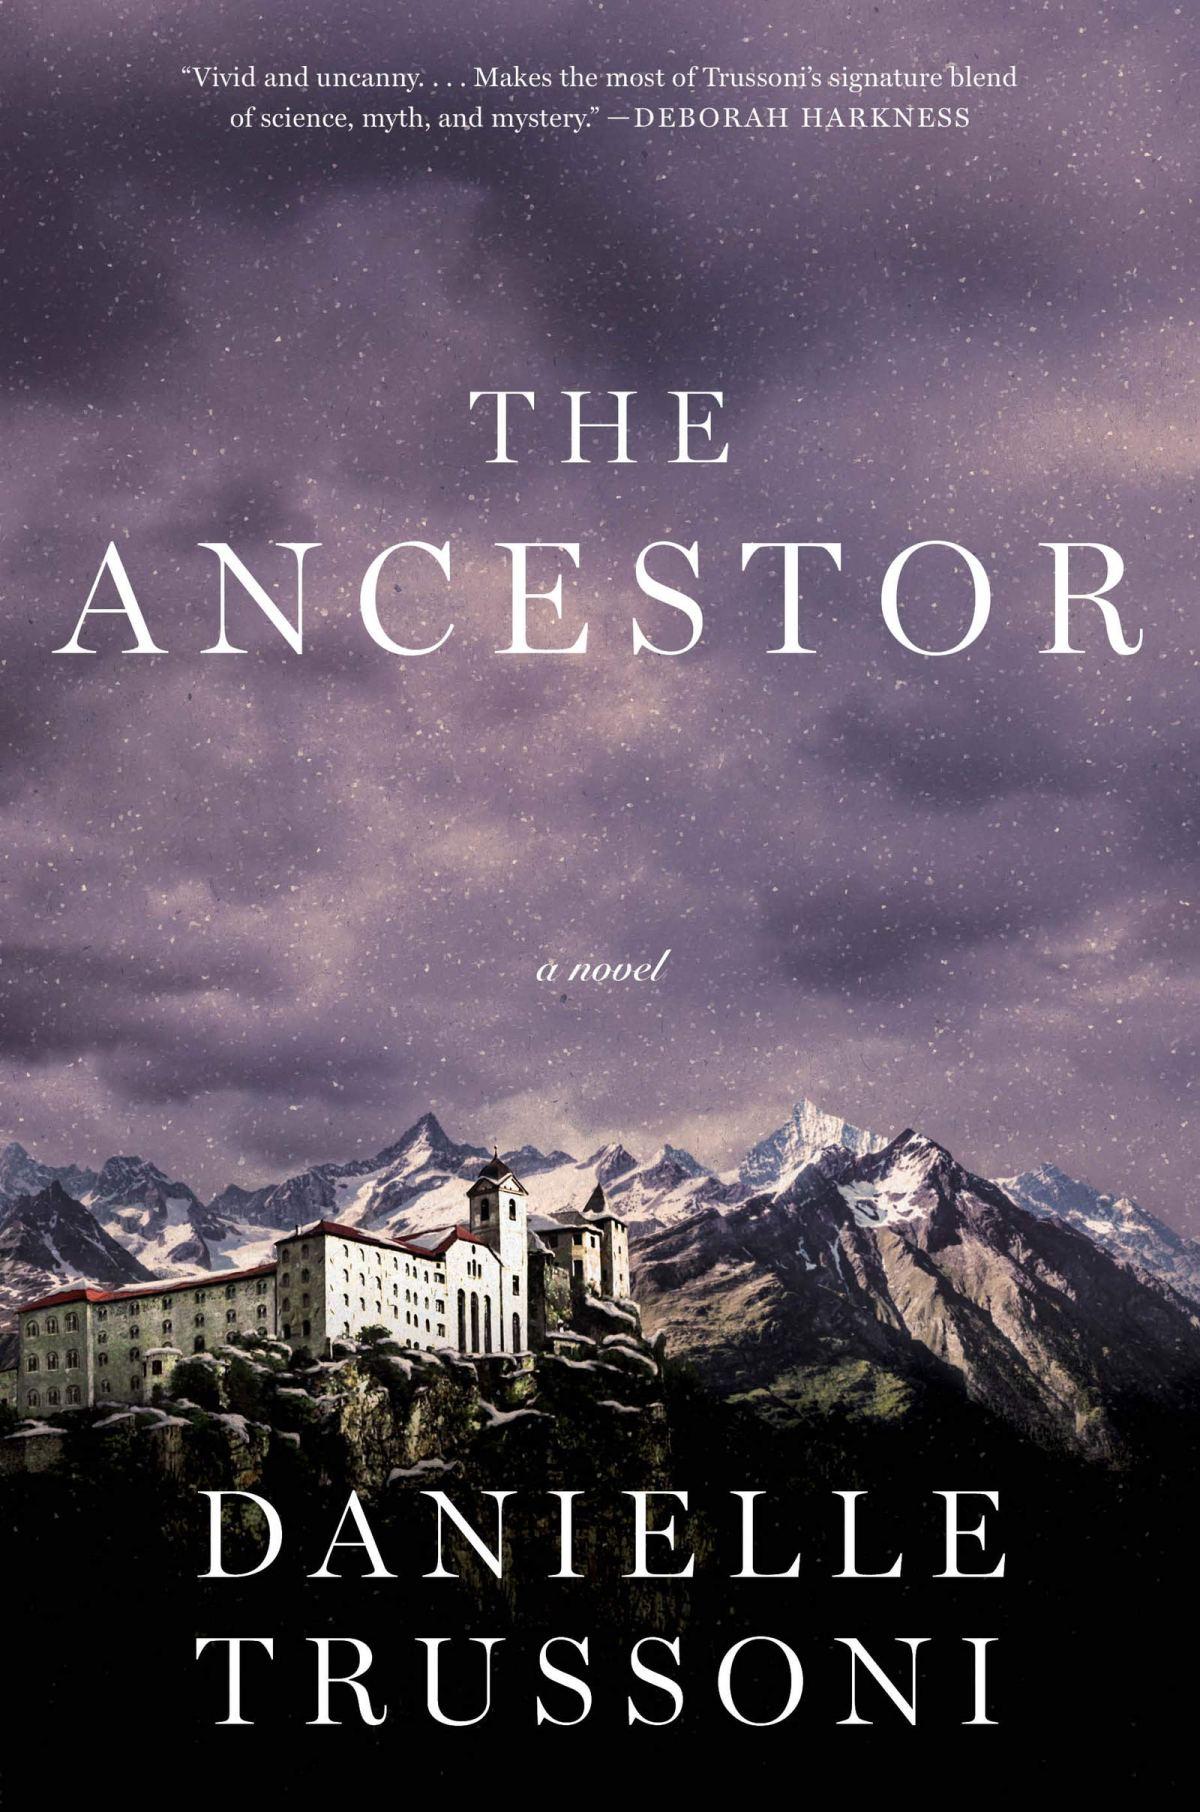 Danielle Trussoni - The Ancestor